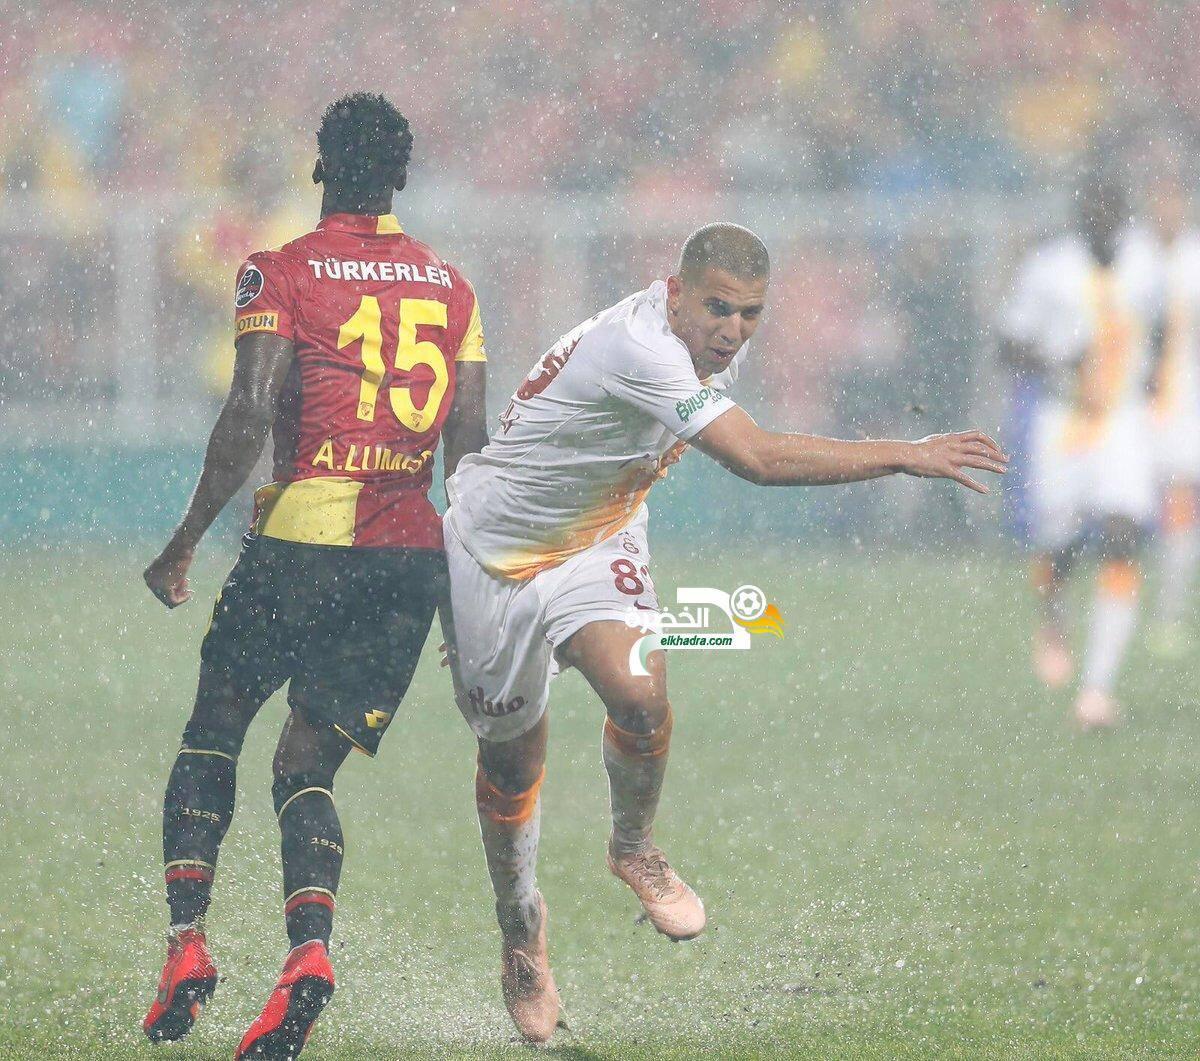 فيغولي اساسي مع غلطة سراي و يفوز خارج القواعد امام غوزوتيبي 24